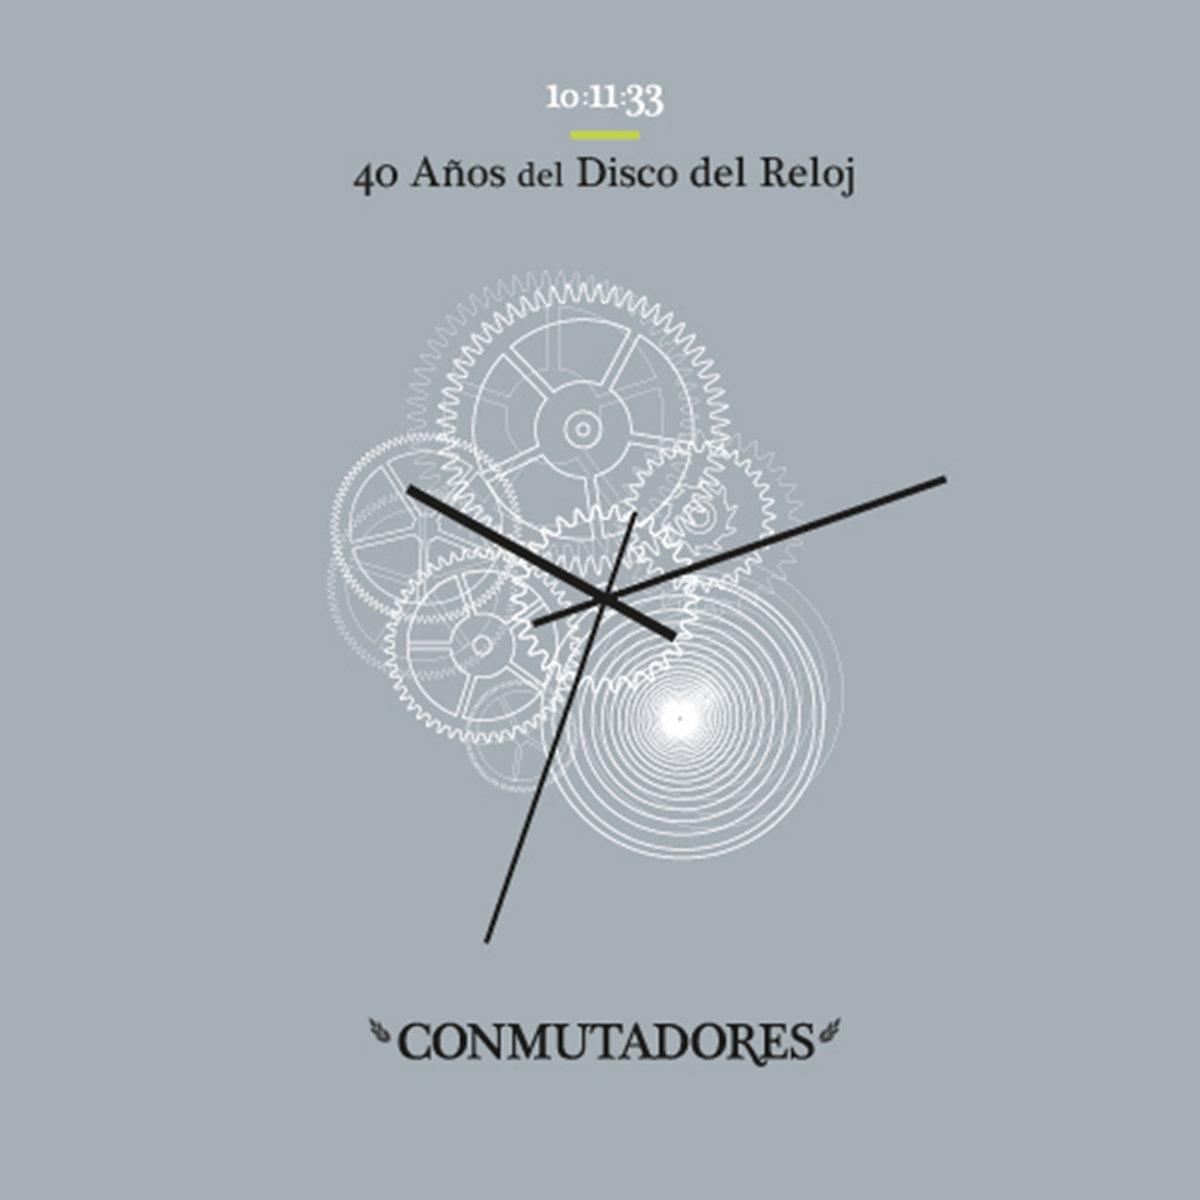 Conmutadores - 40 años del disco del reloj